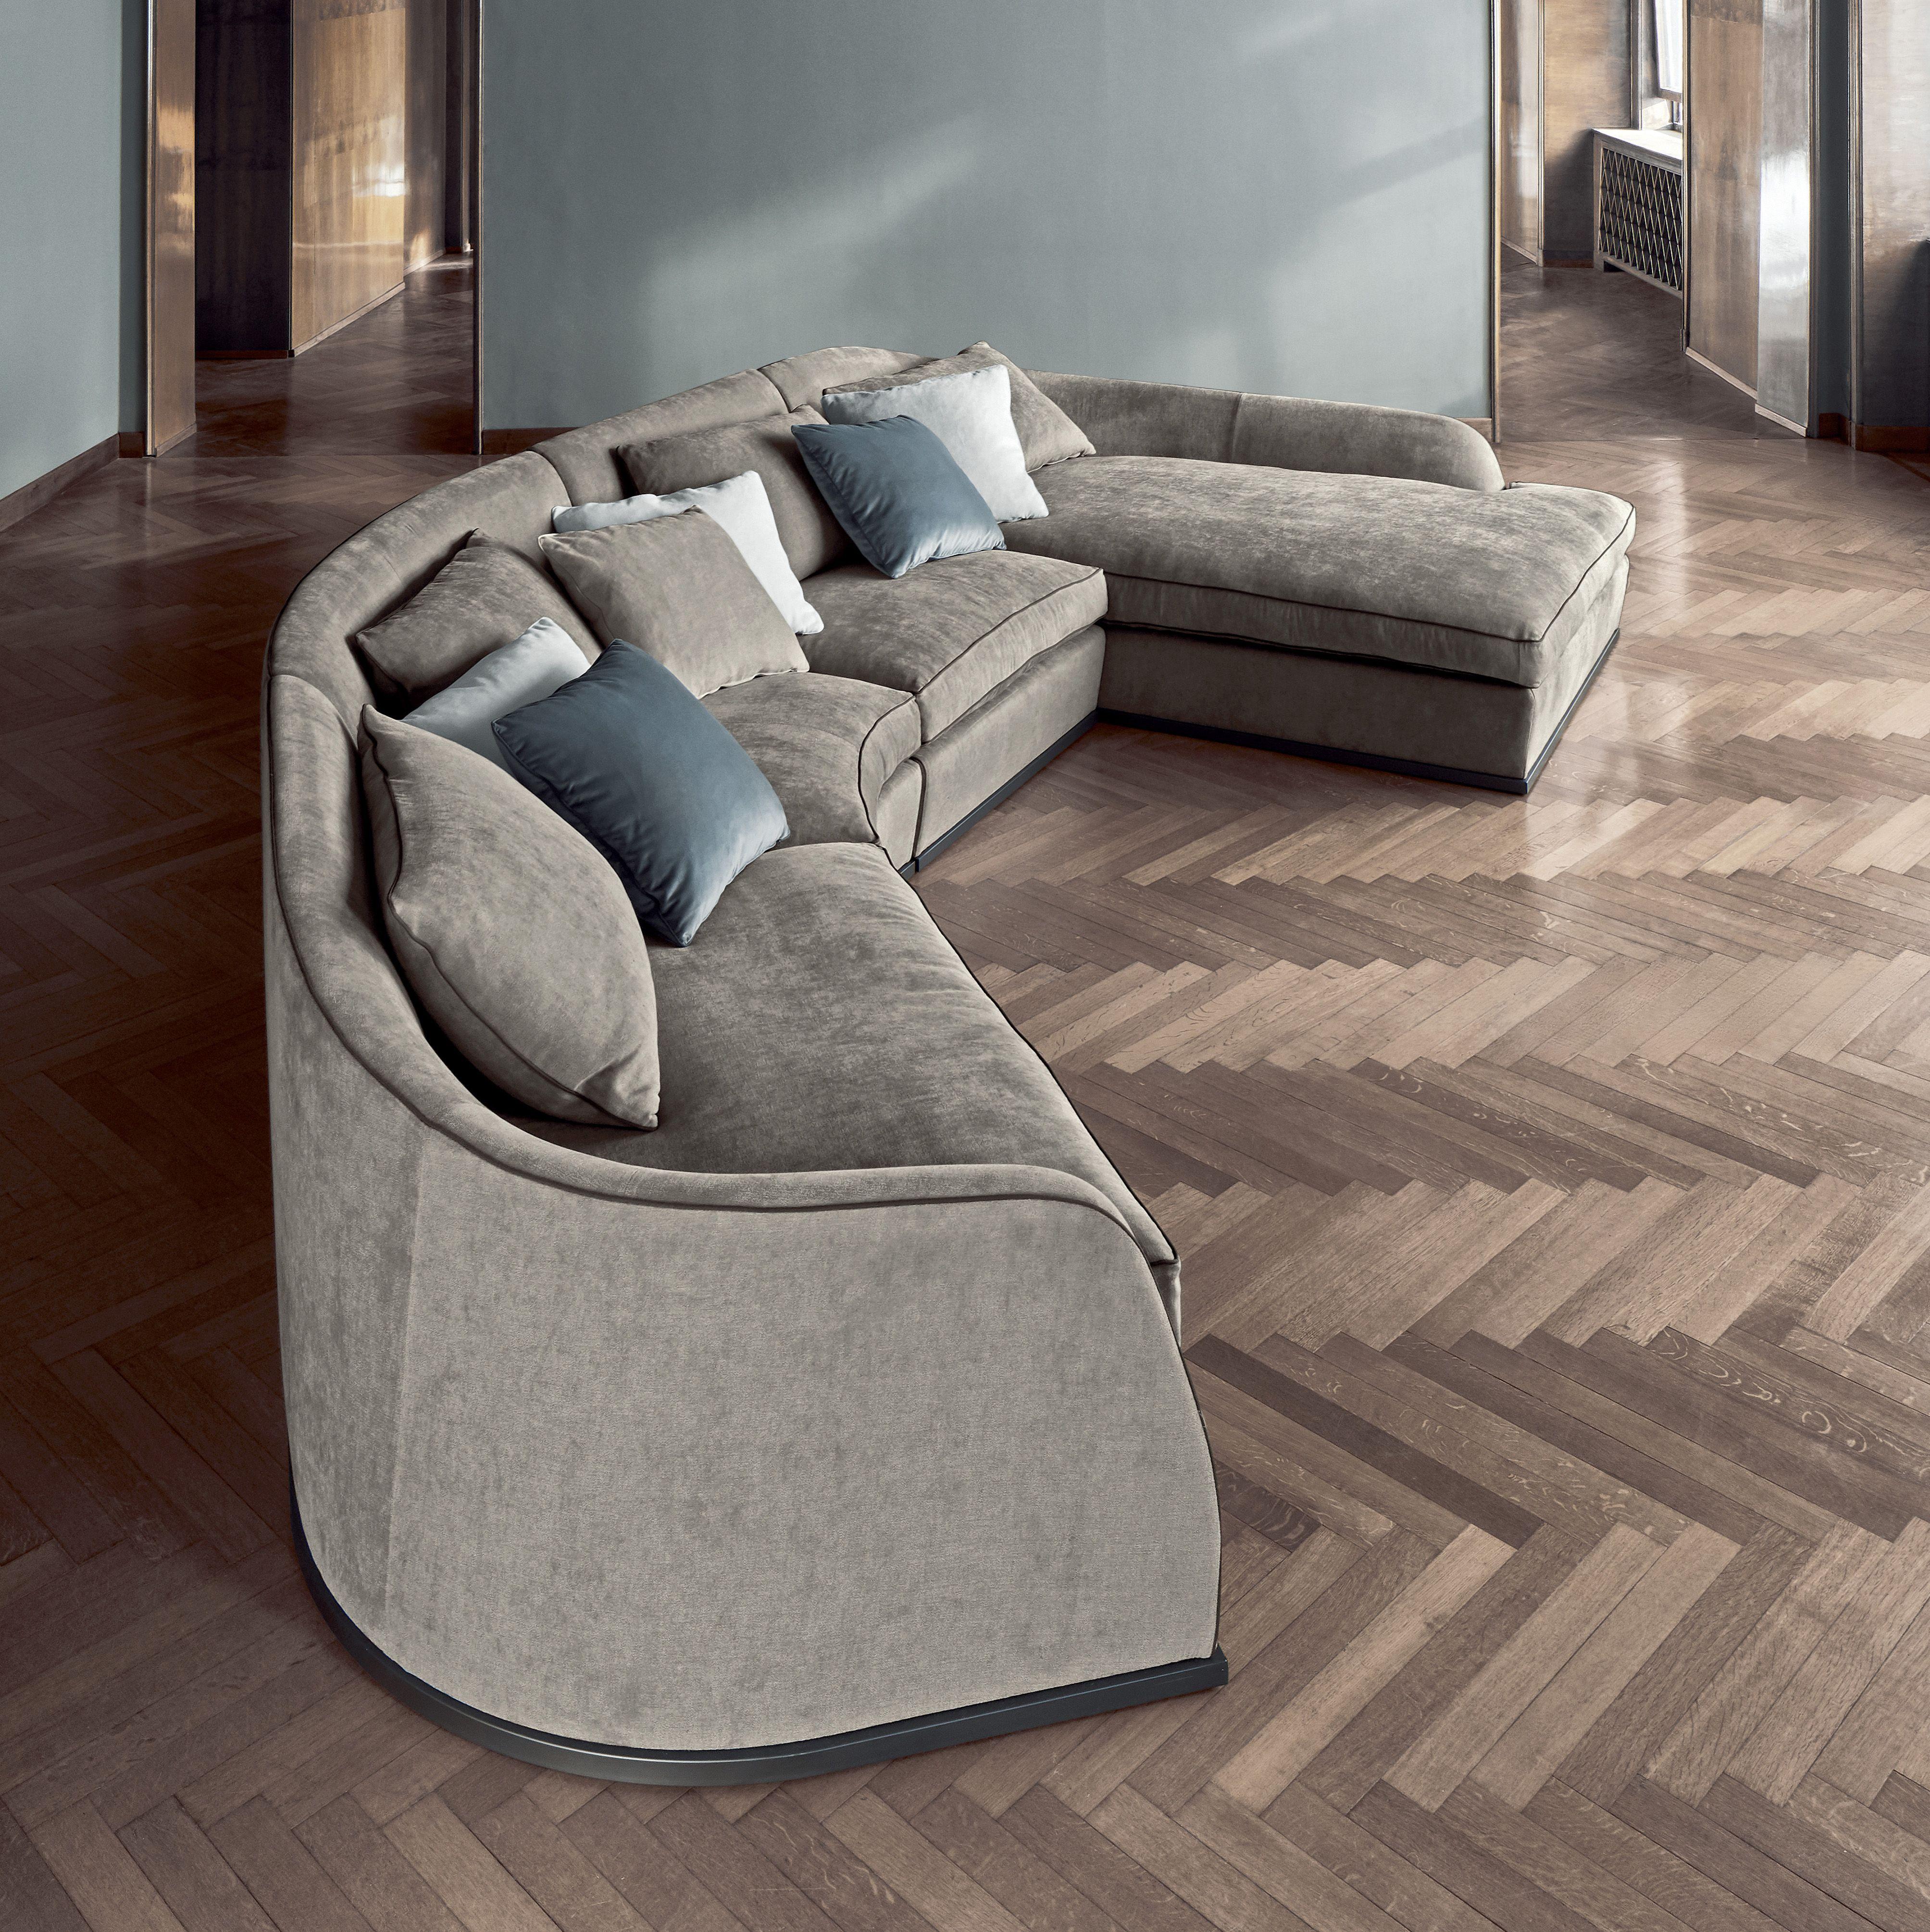 Flexform MOOD ALFRED sectional sofa design Roberto Lazzeroni Find